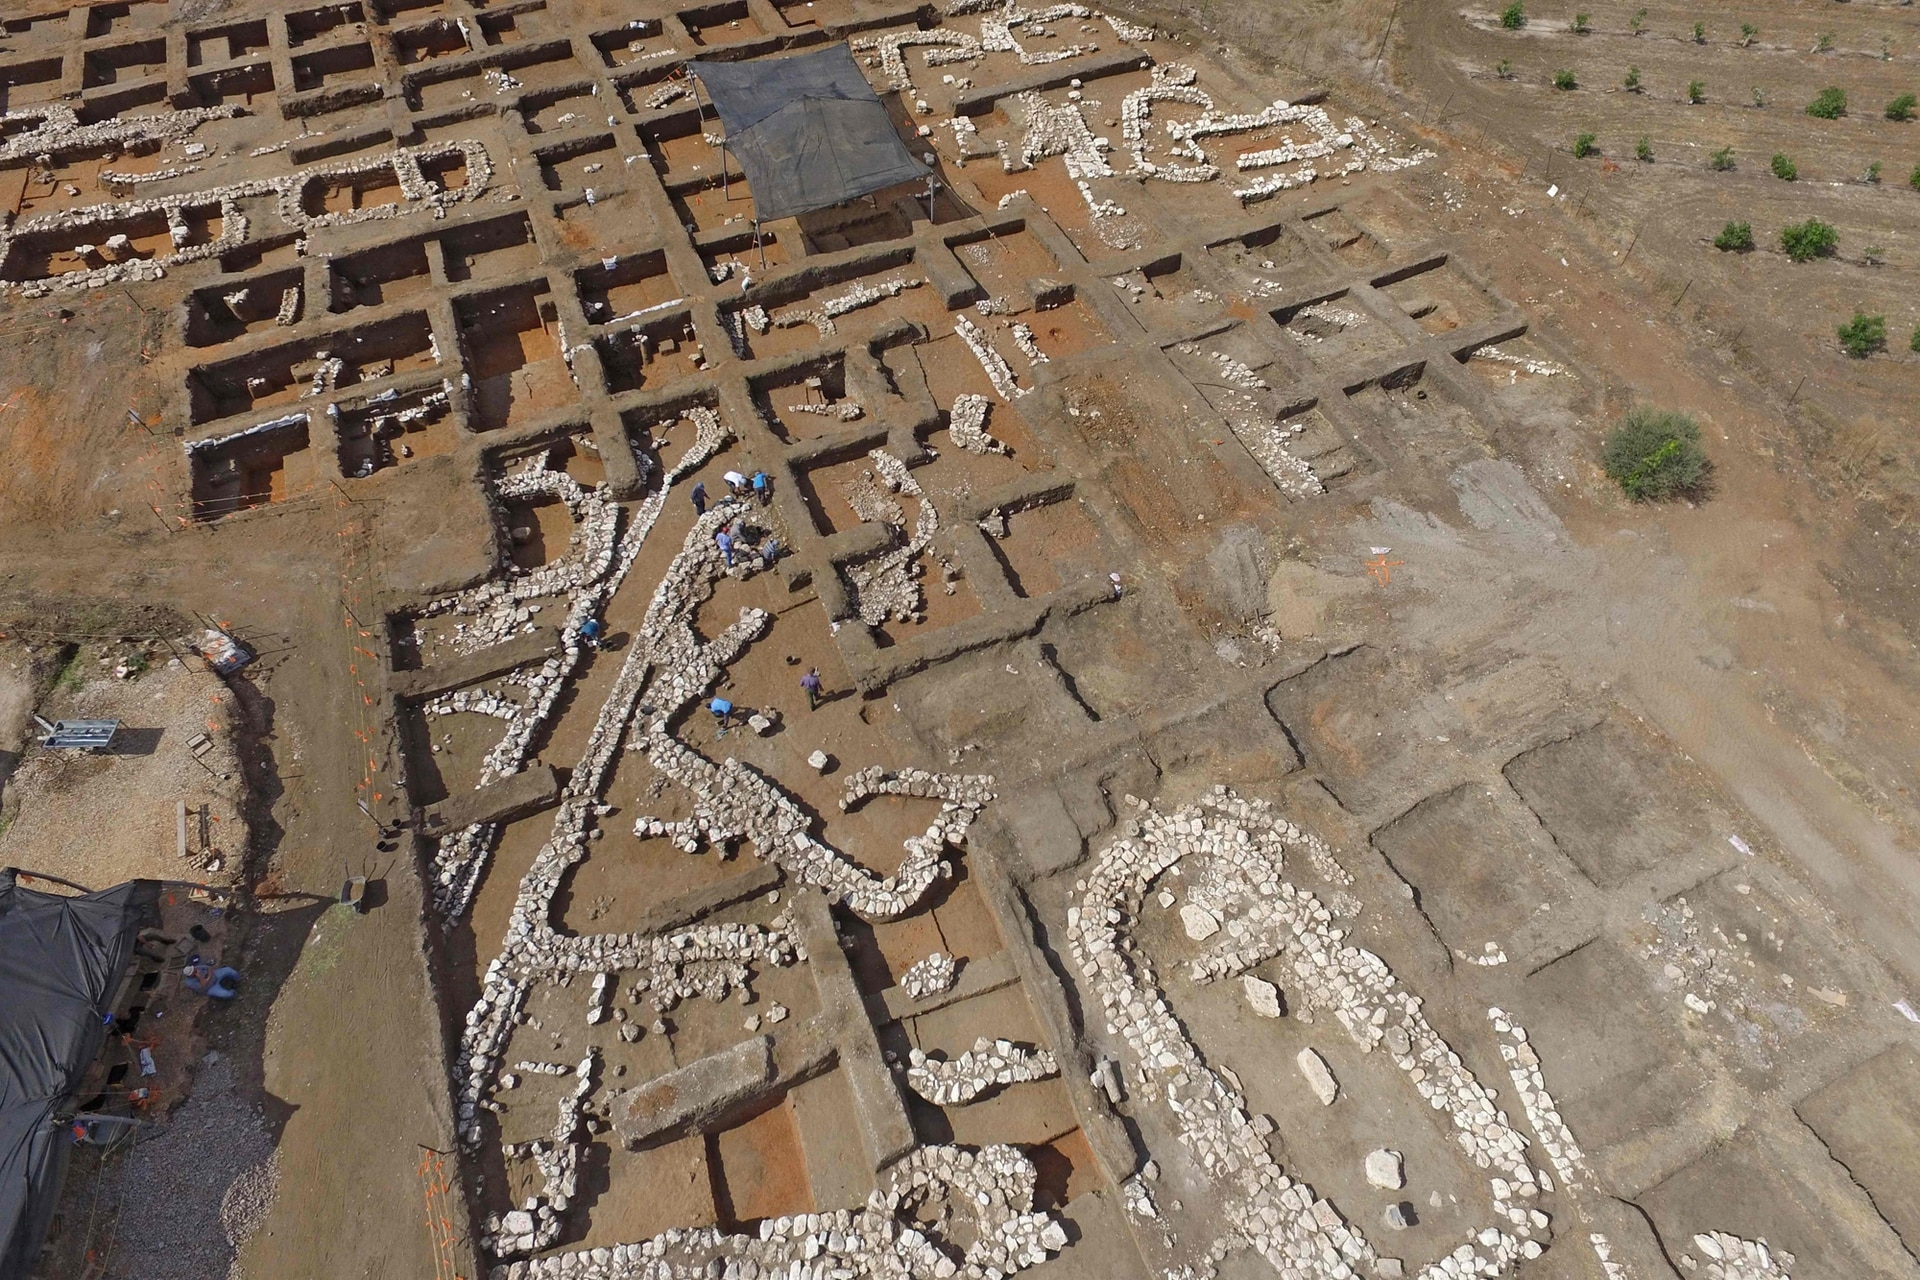 Según las estimaciones de Yitzhak Paz, (uno de los arqueólogos que trabaja en el lugar), el sitio había sido abandonado en el tercer milenio antes de nuestra era